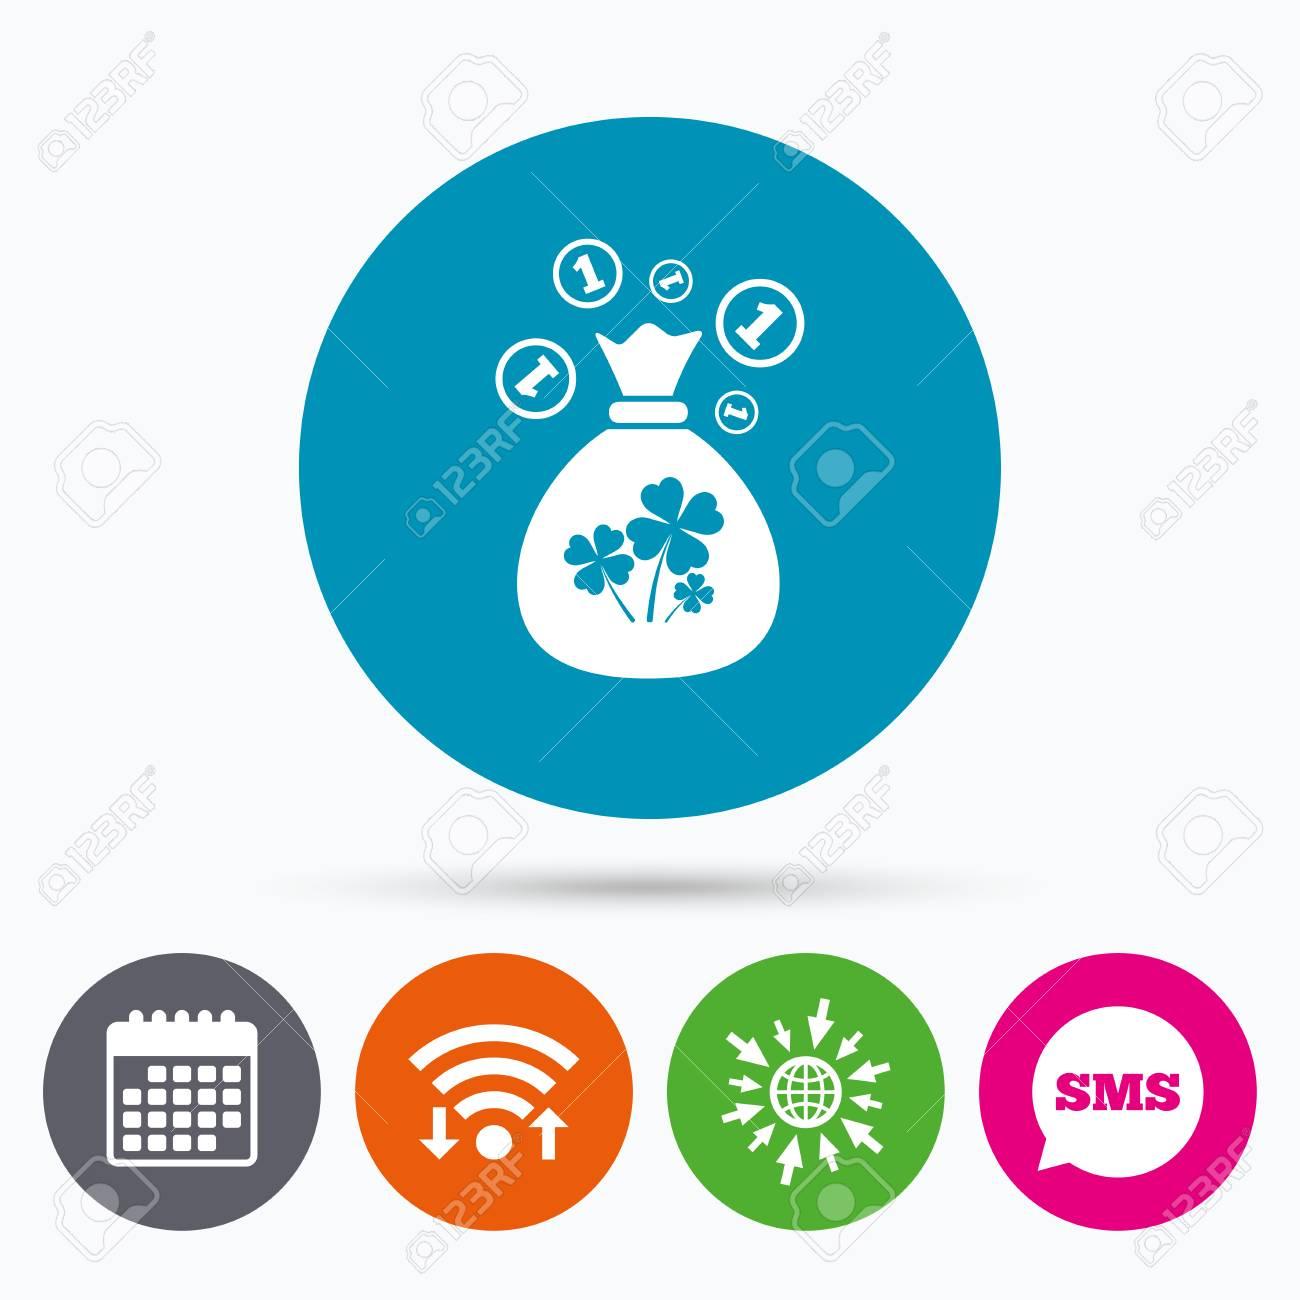 Dinero E La San Globo De Con A Iconos Icono WifiSms MuestraSímbolo Web CalendarioBolsa Y PatricioIr Tréboles Monedas XiPOkTZu